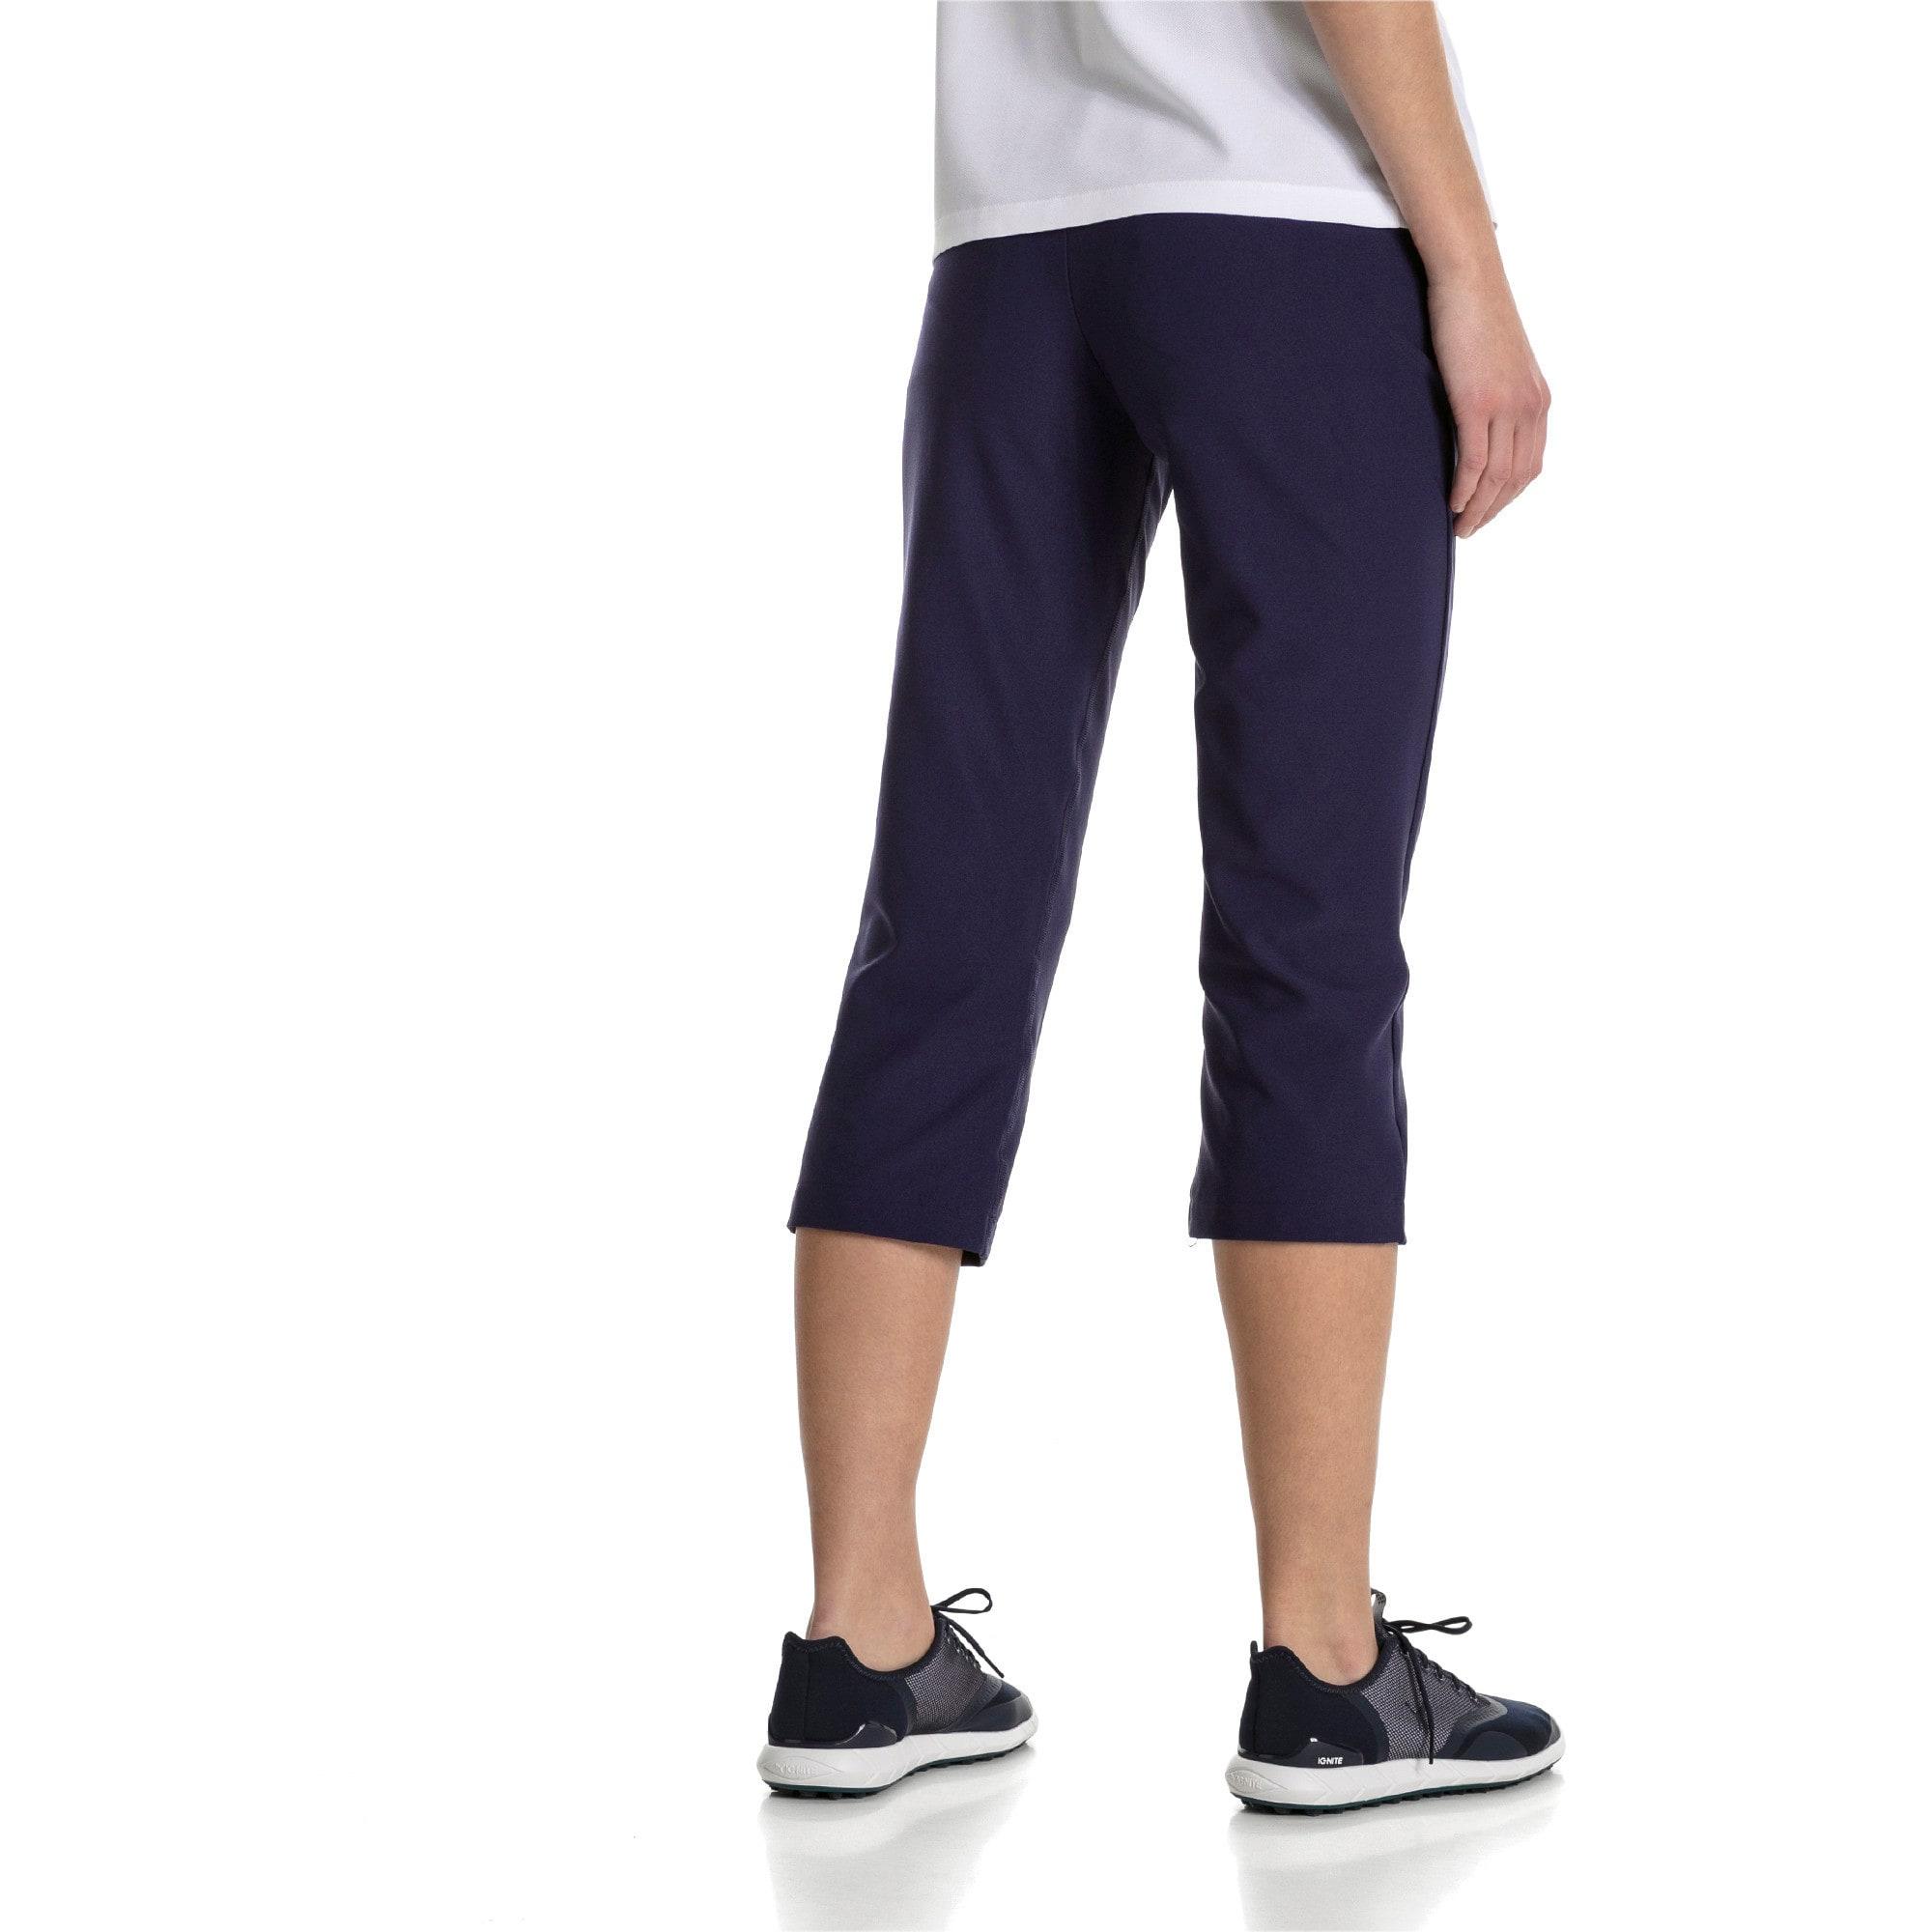 Thumbnail 2 of Golf Women's PWRSHAPE Capri Pants, Peacoat, medium